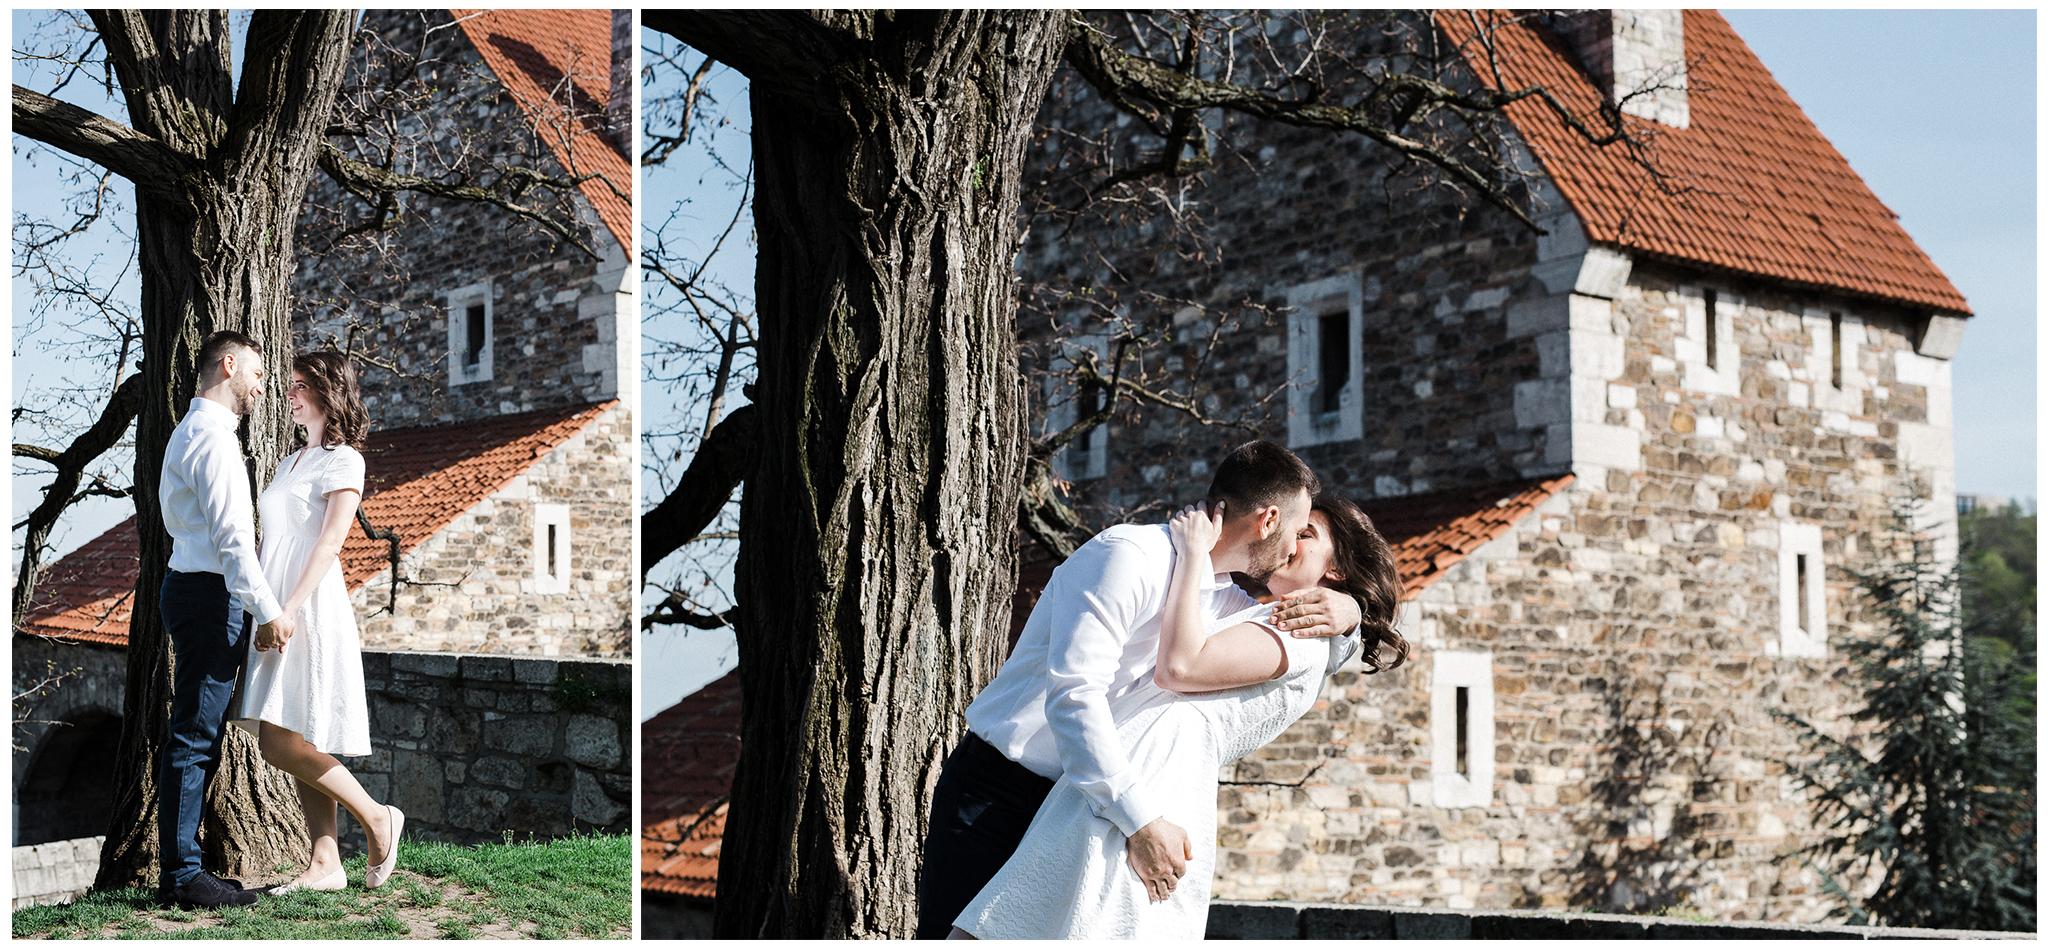 MONT_FylepPhoto, Esküvőfotós Vasmegye, Esküvő fotózás, Esküvői fotós, Körmend, Vas megye, Dunántúl, Budapest, Fülöp Péter, Jegyes fotózás, jegyesfotó_Ramona&Marci,2018_013.jpg